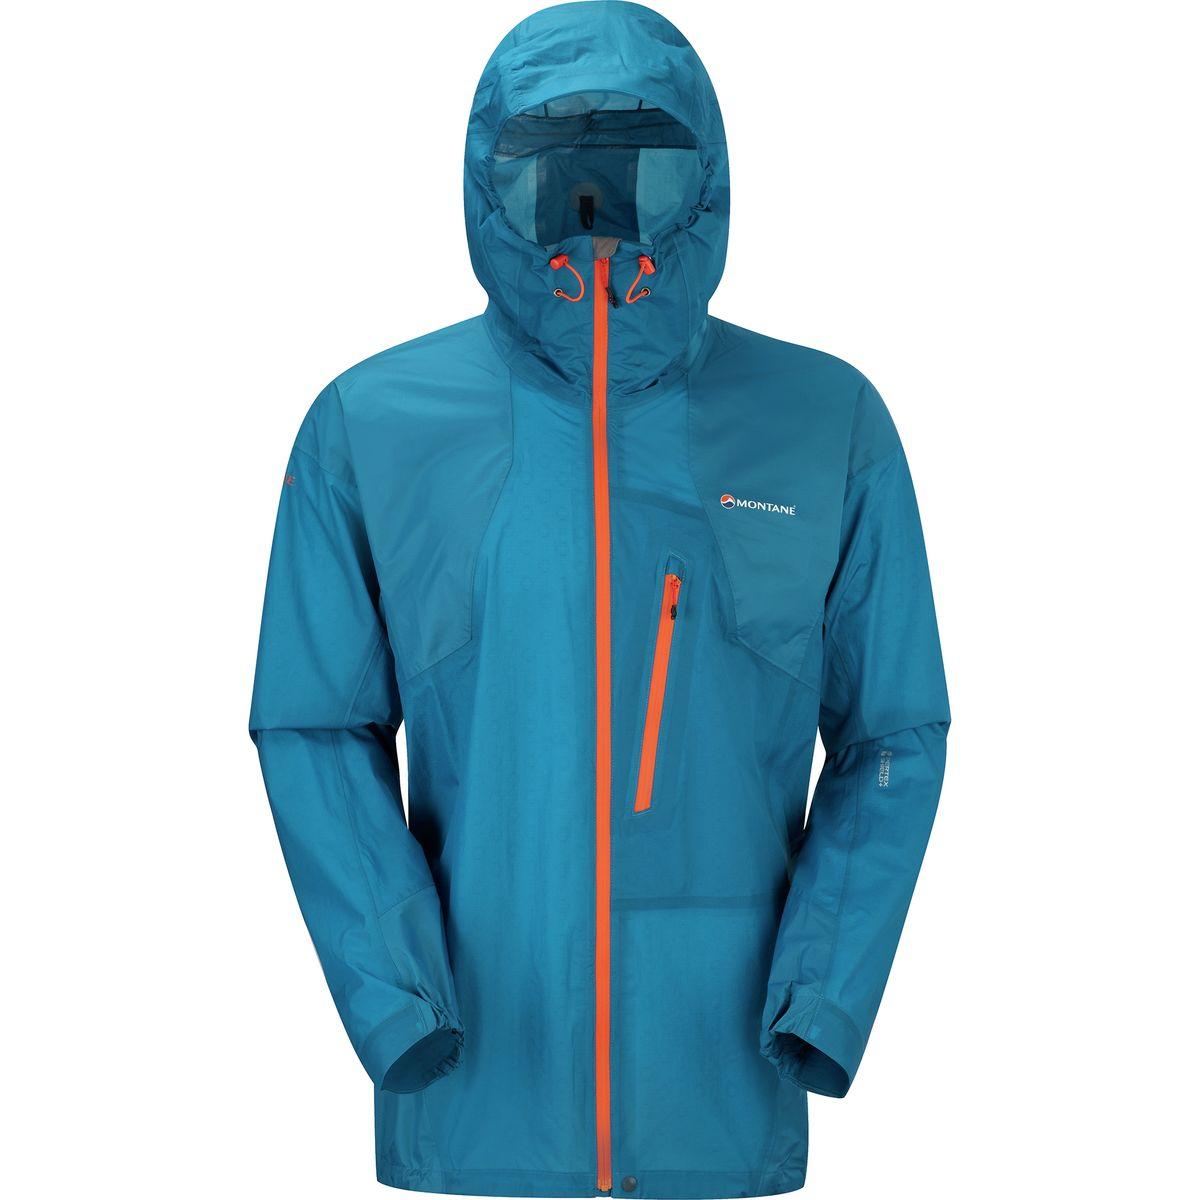 Montane Minimus Grand Tour Jacket